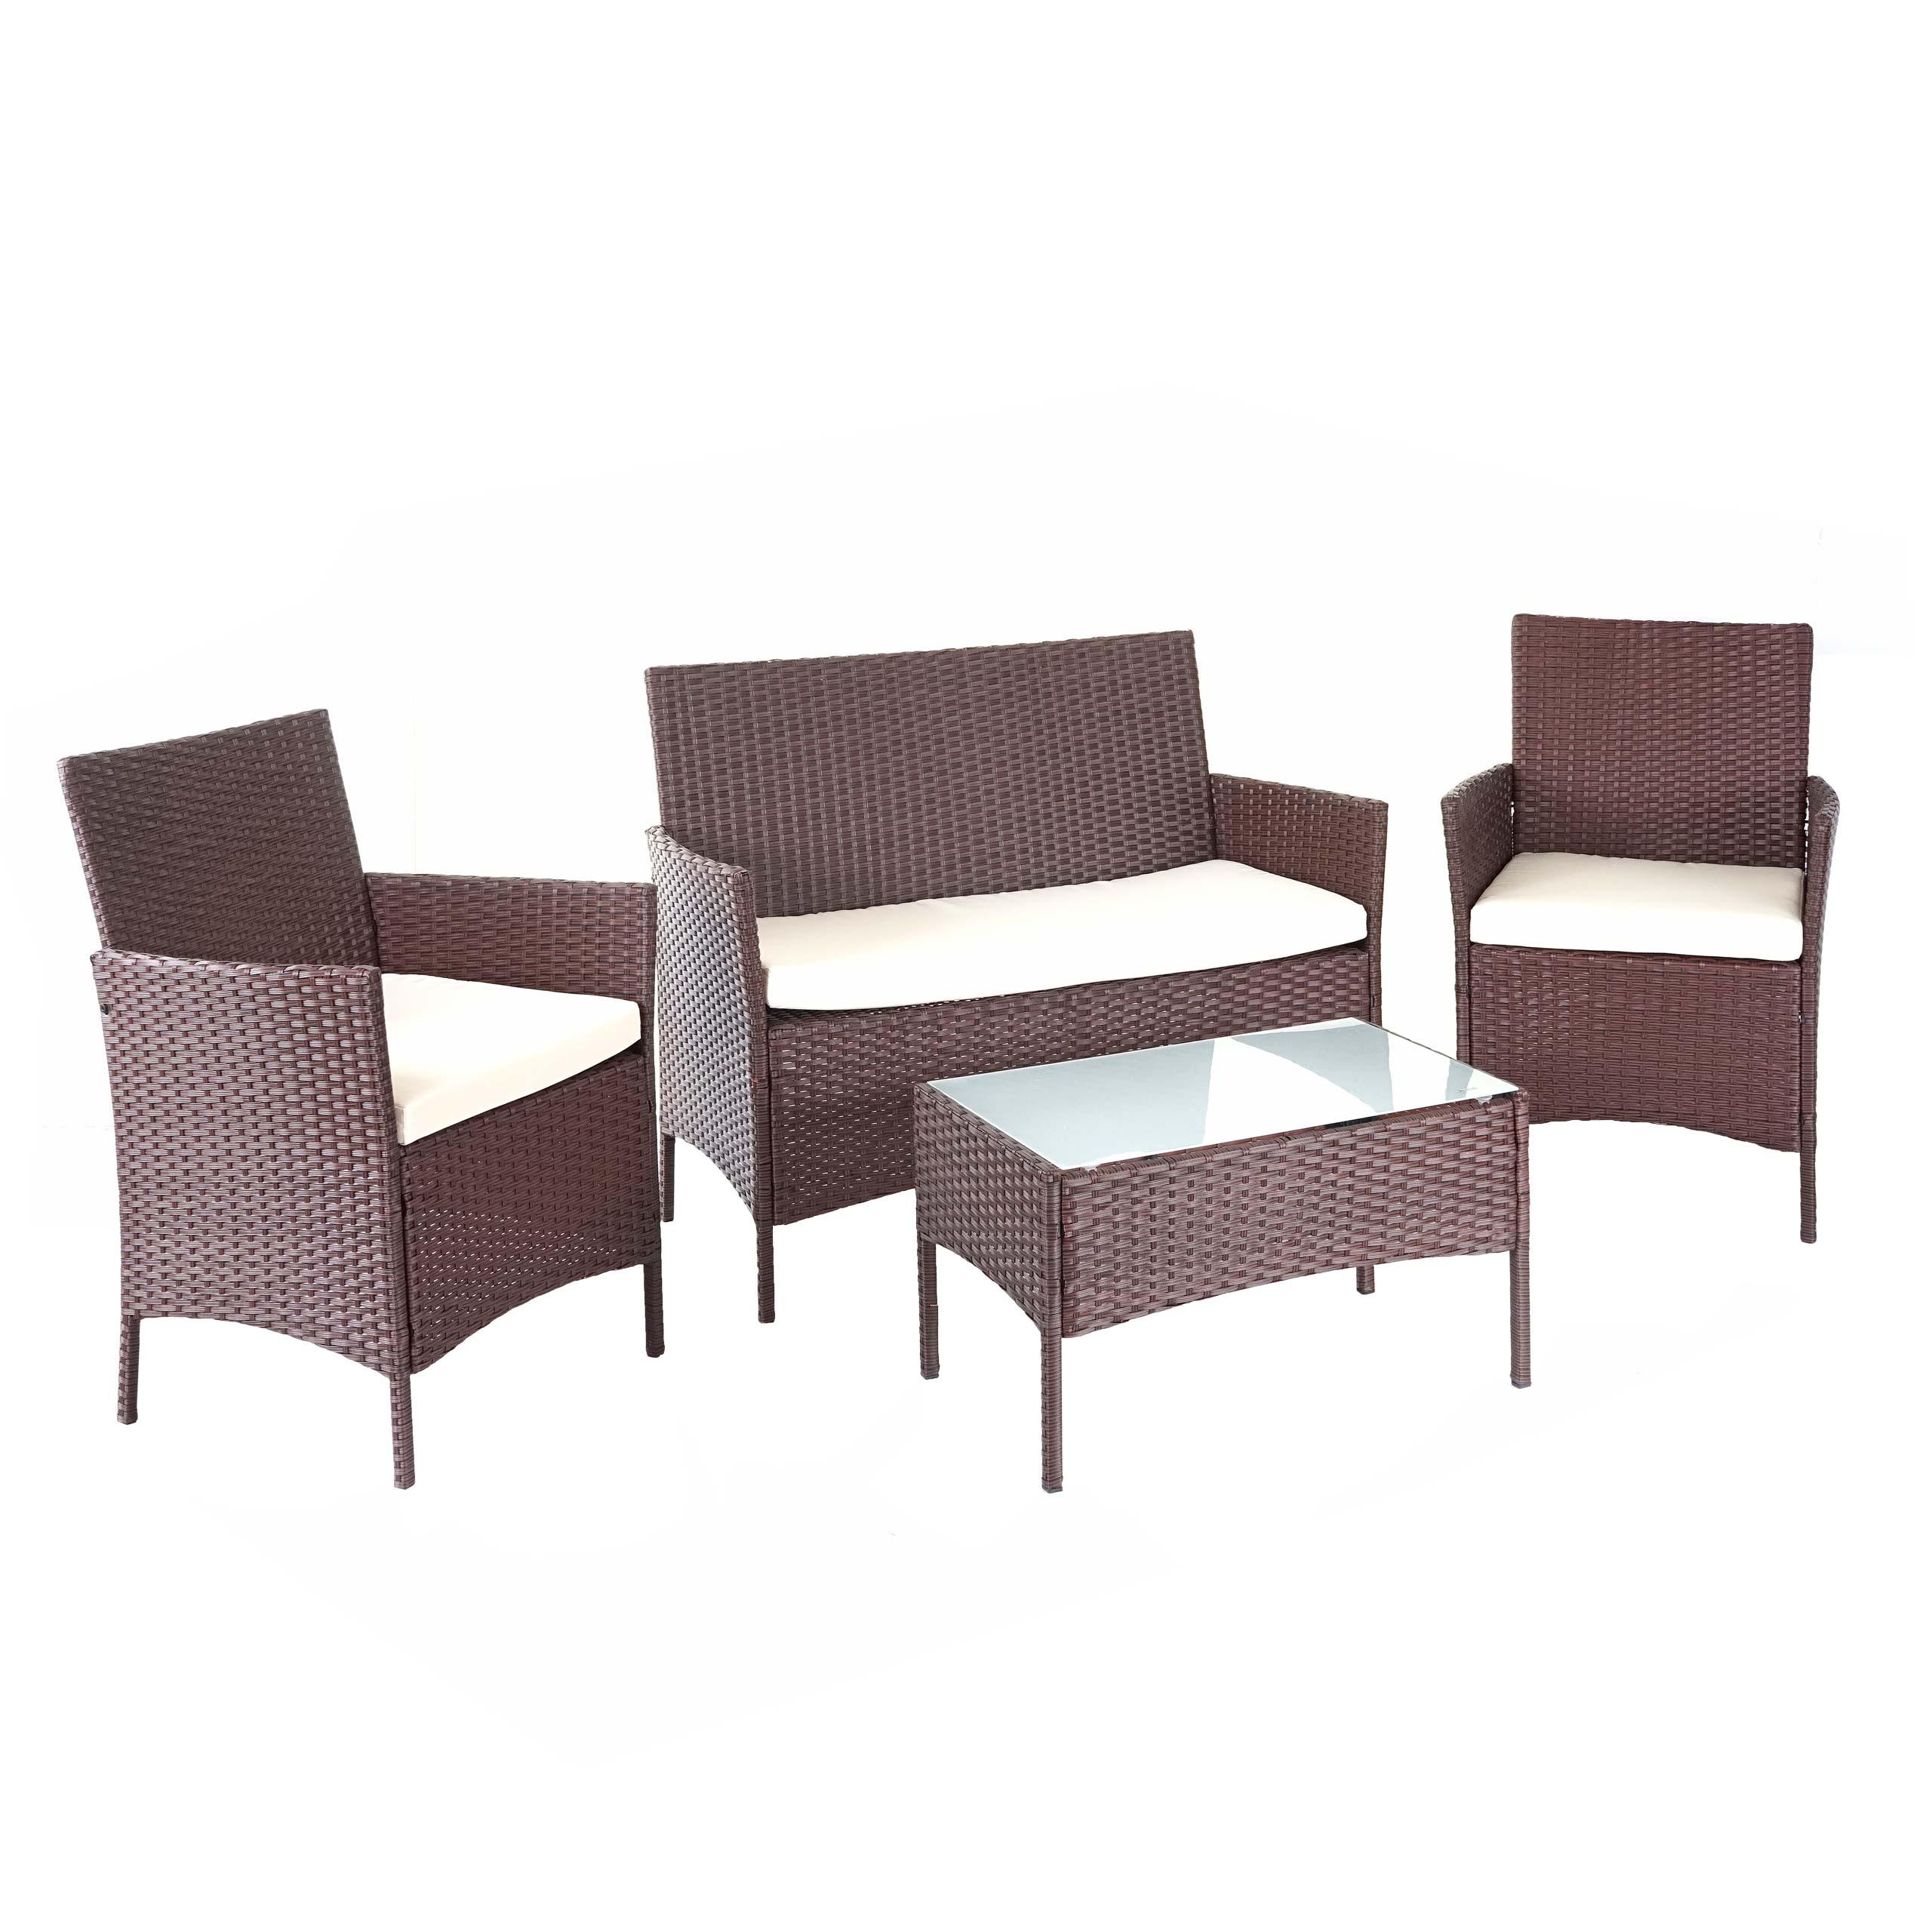 Poly Rattan Garten Garnitur HWC D20, Sitzgruppe Lounge Set ~ braun meliert  mit Kissen creme